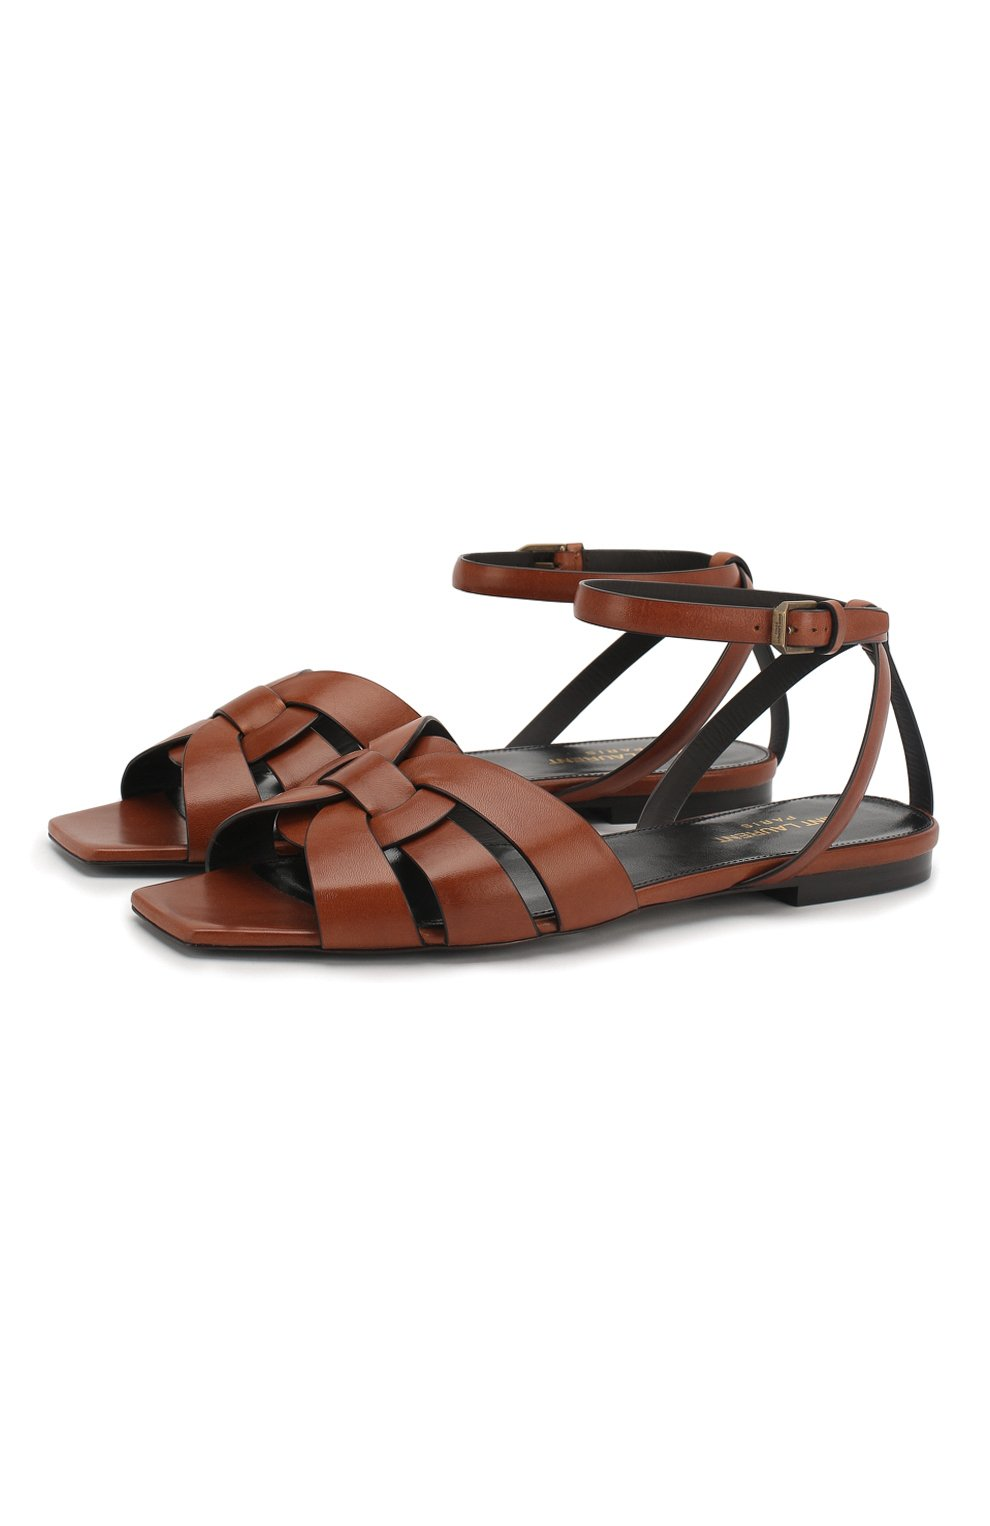 Женские кожаные сандалии tribute SAINT LAURENT коричневого цвета, арт. 620090/DWE00   Фото 1 (Каблук высота: Низкий; Материал внутренний: Натуральная кожа; Подошва: Плоская)